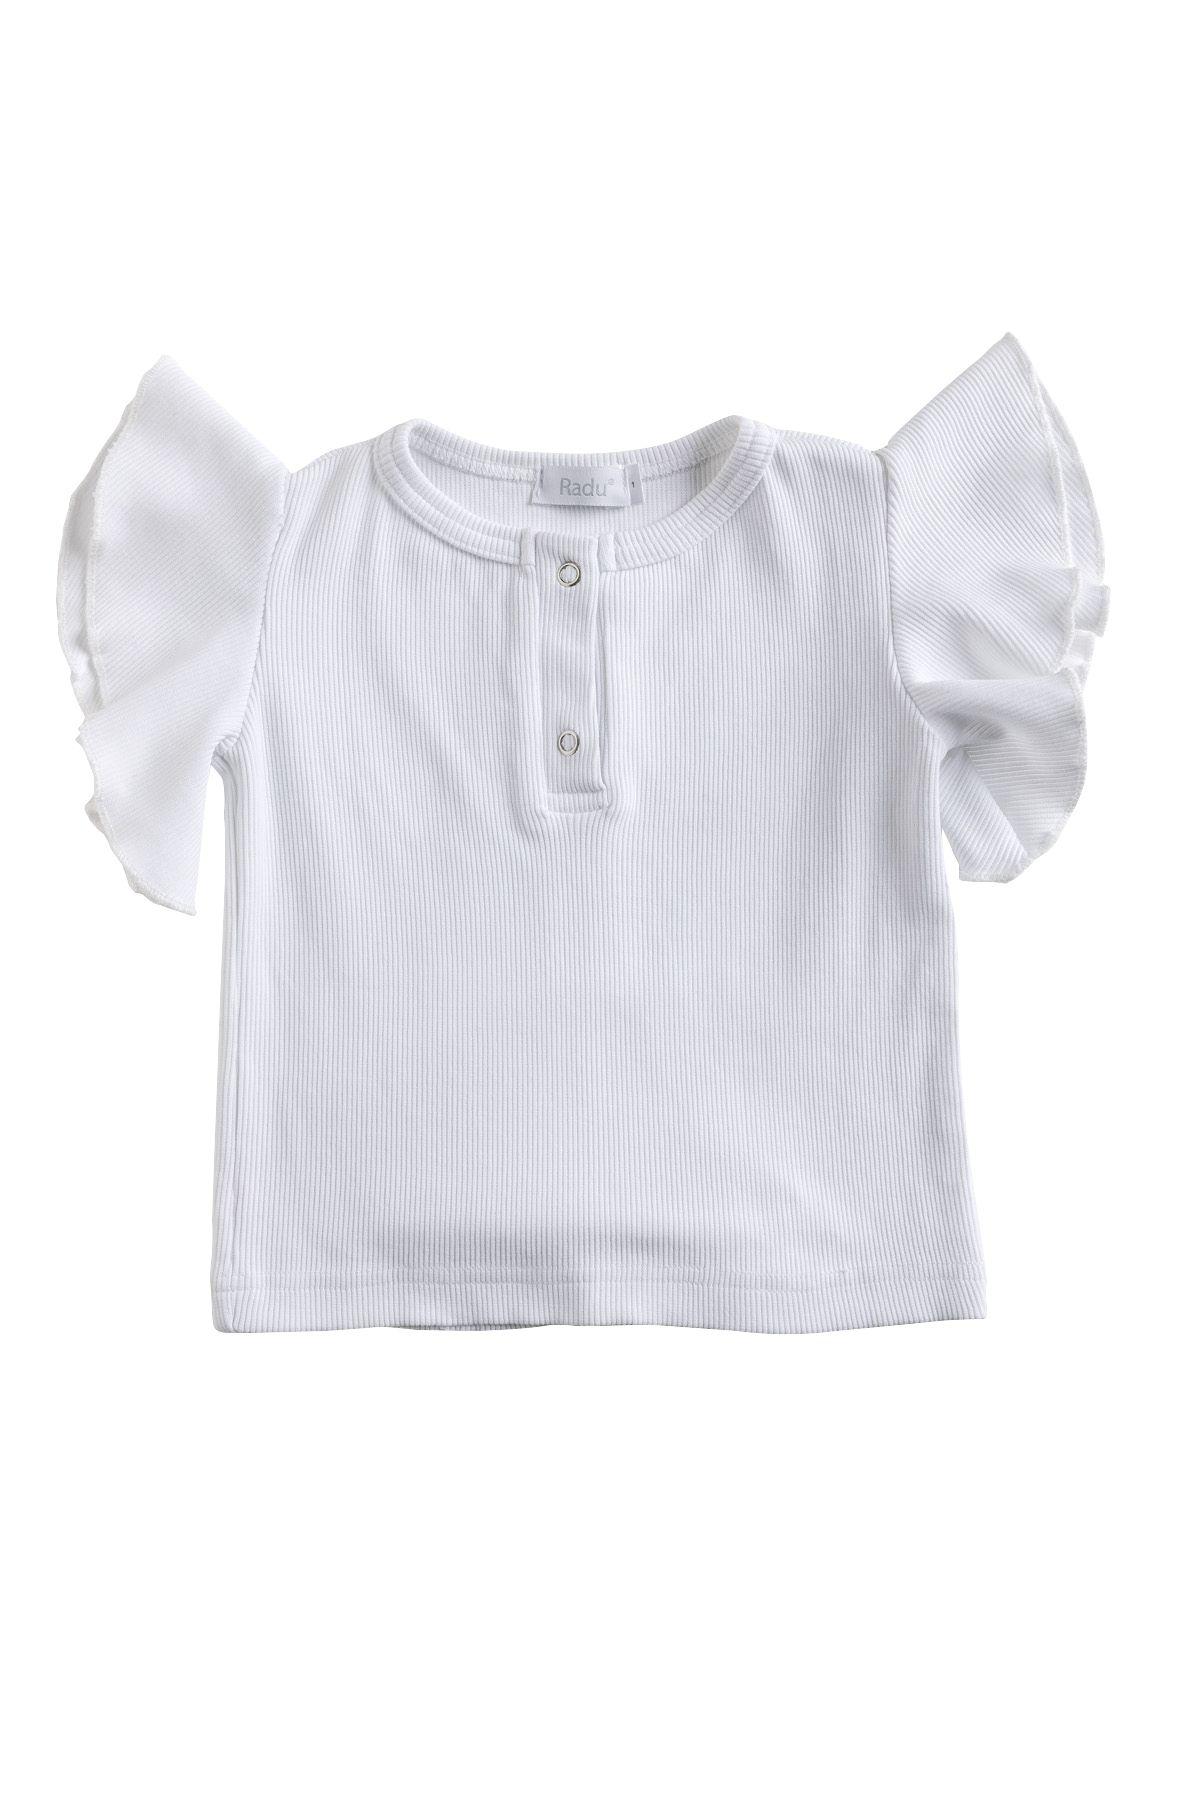 Μπλούζα λευκή ριπ με βολάν